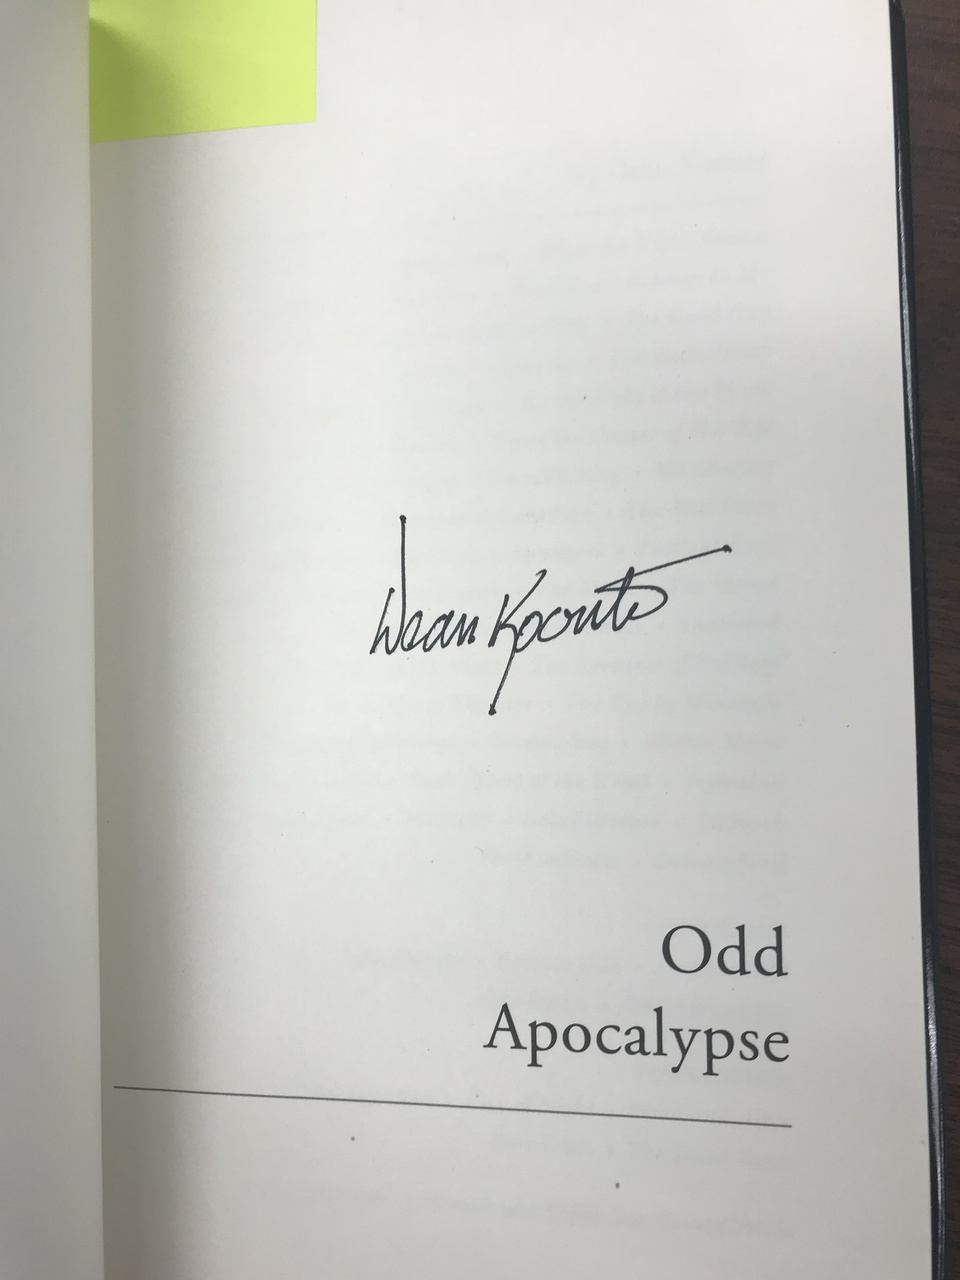 Dean Koontz - Odd Apocalypse autographed book